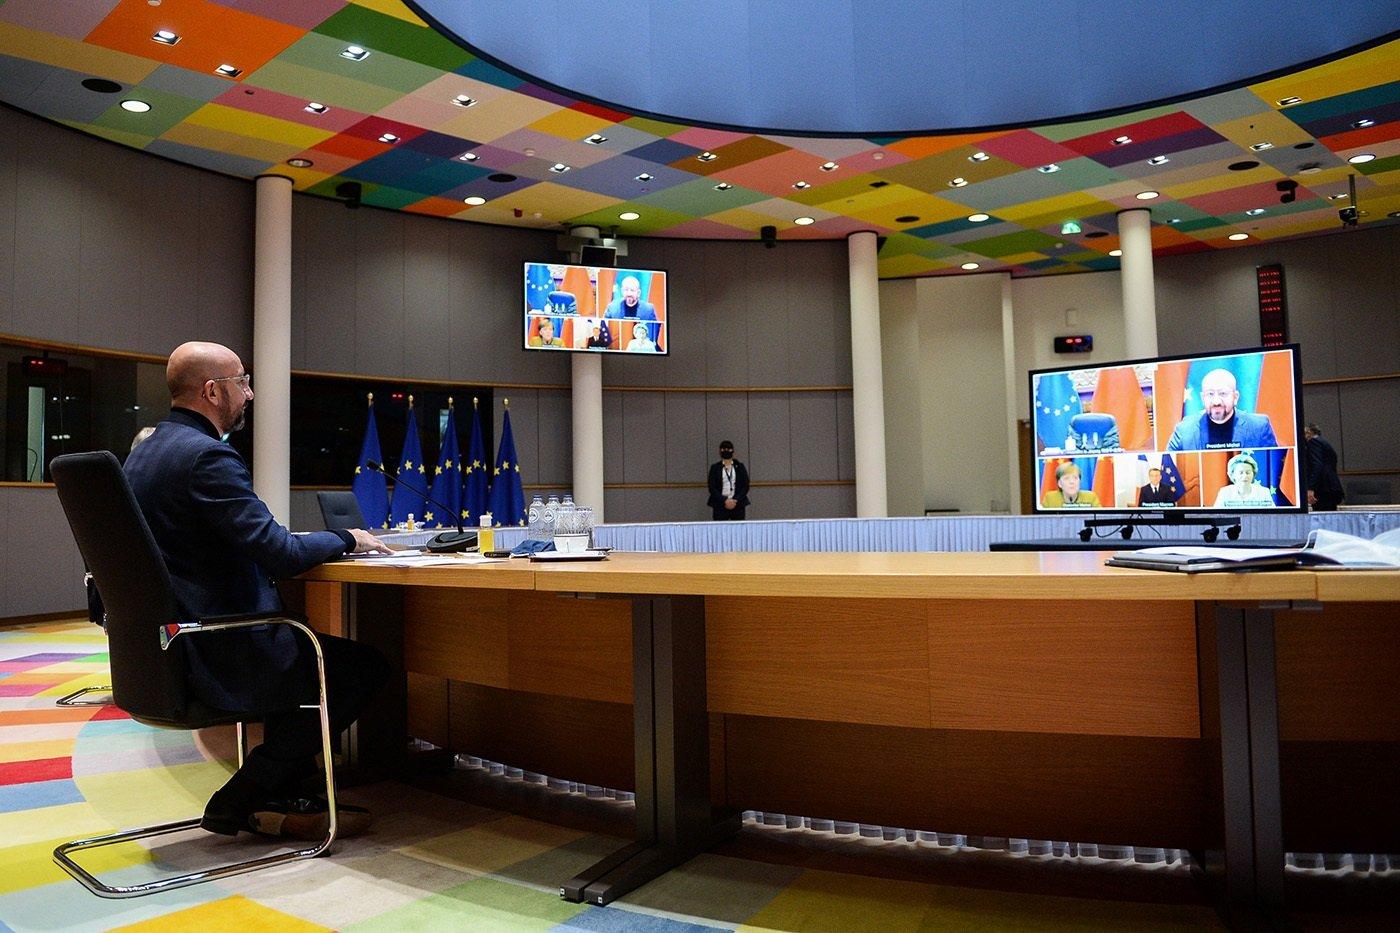 歐盟和中國領導人舉行視頻會晤,共同宣佈完成中歐投資協定談判。